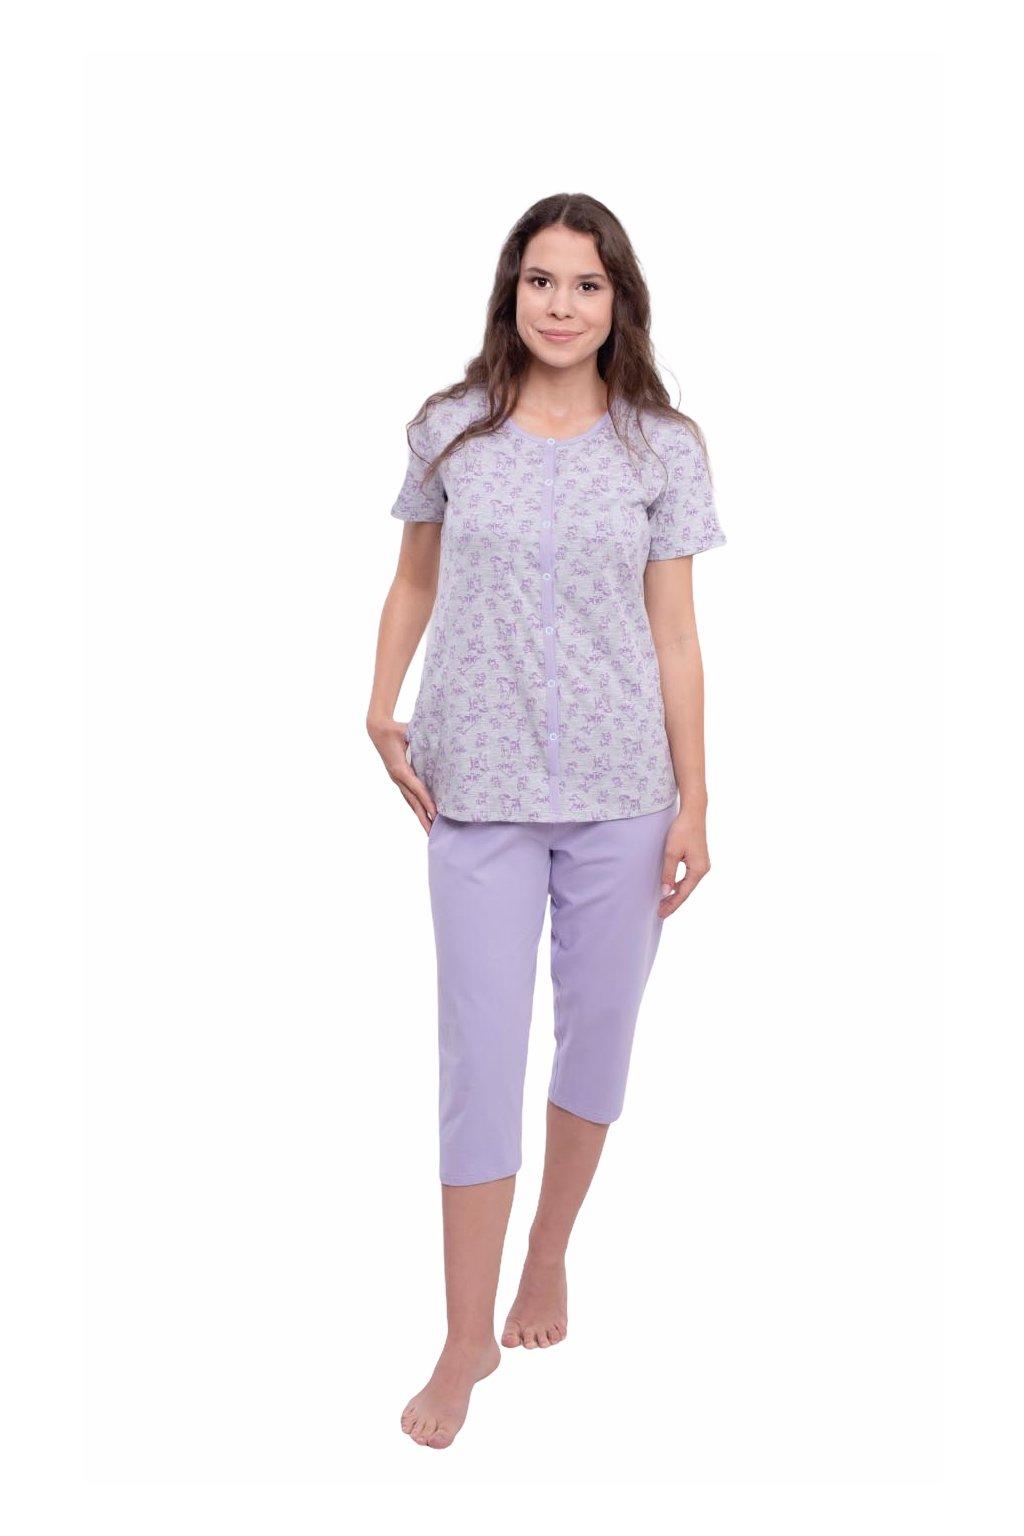 Dámské pyžamo s krátkým rukávem a 3/4 nohavicemi, 104566 12, fialová